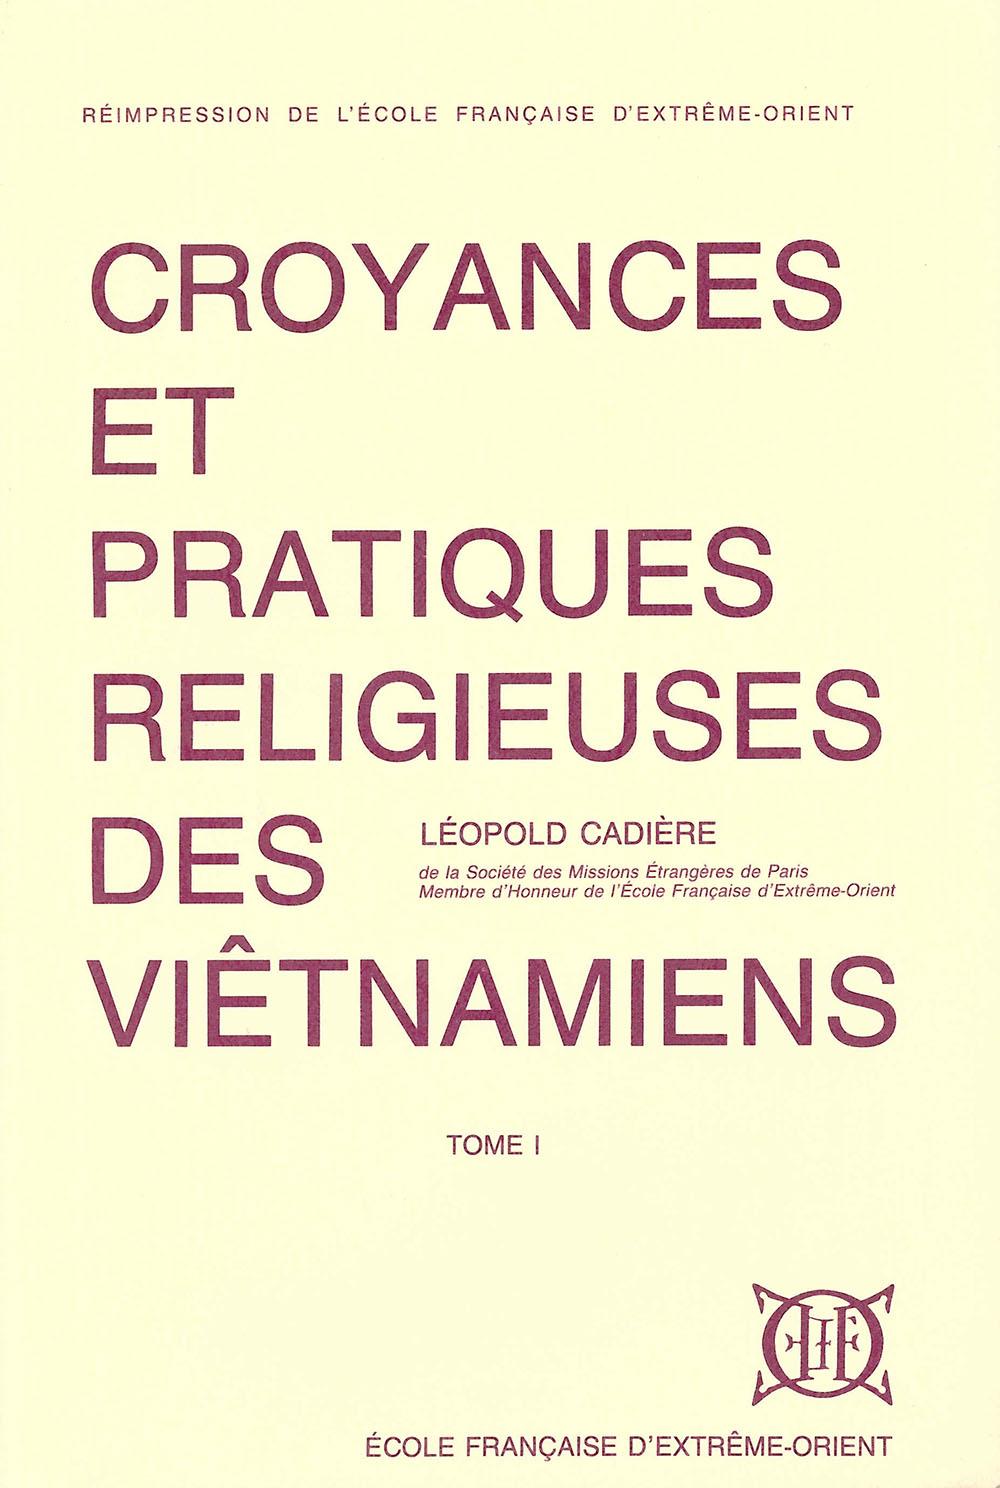 Croyances et pratiques religieuses des Vietnamiens